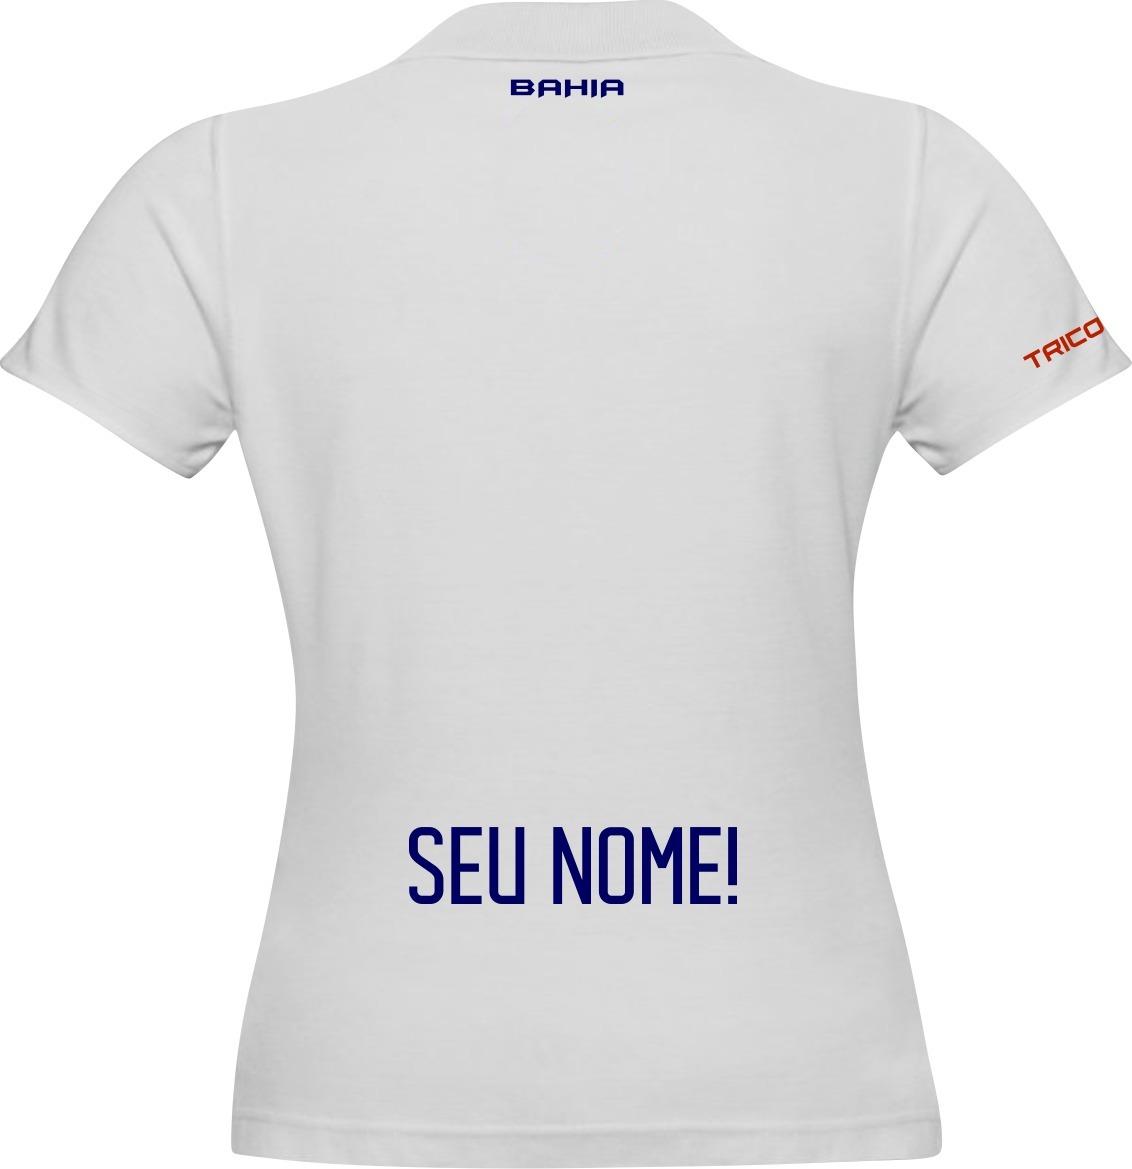 e36fdc1215e05 camisa personalizada do bahia feminino com nome gola polo. Carregando zoom.